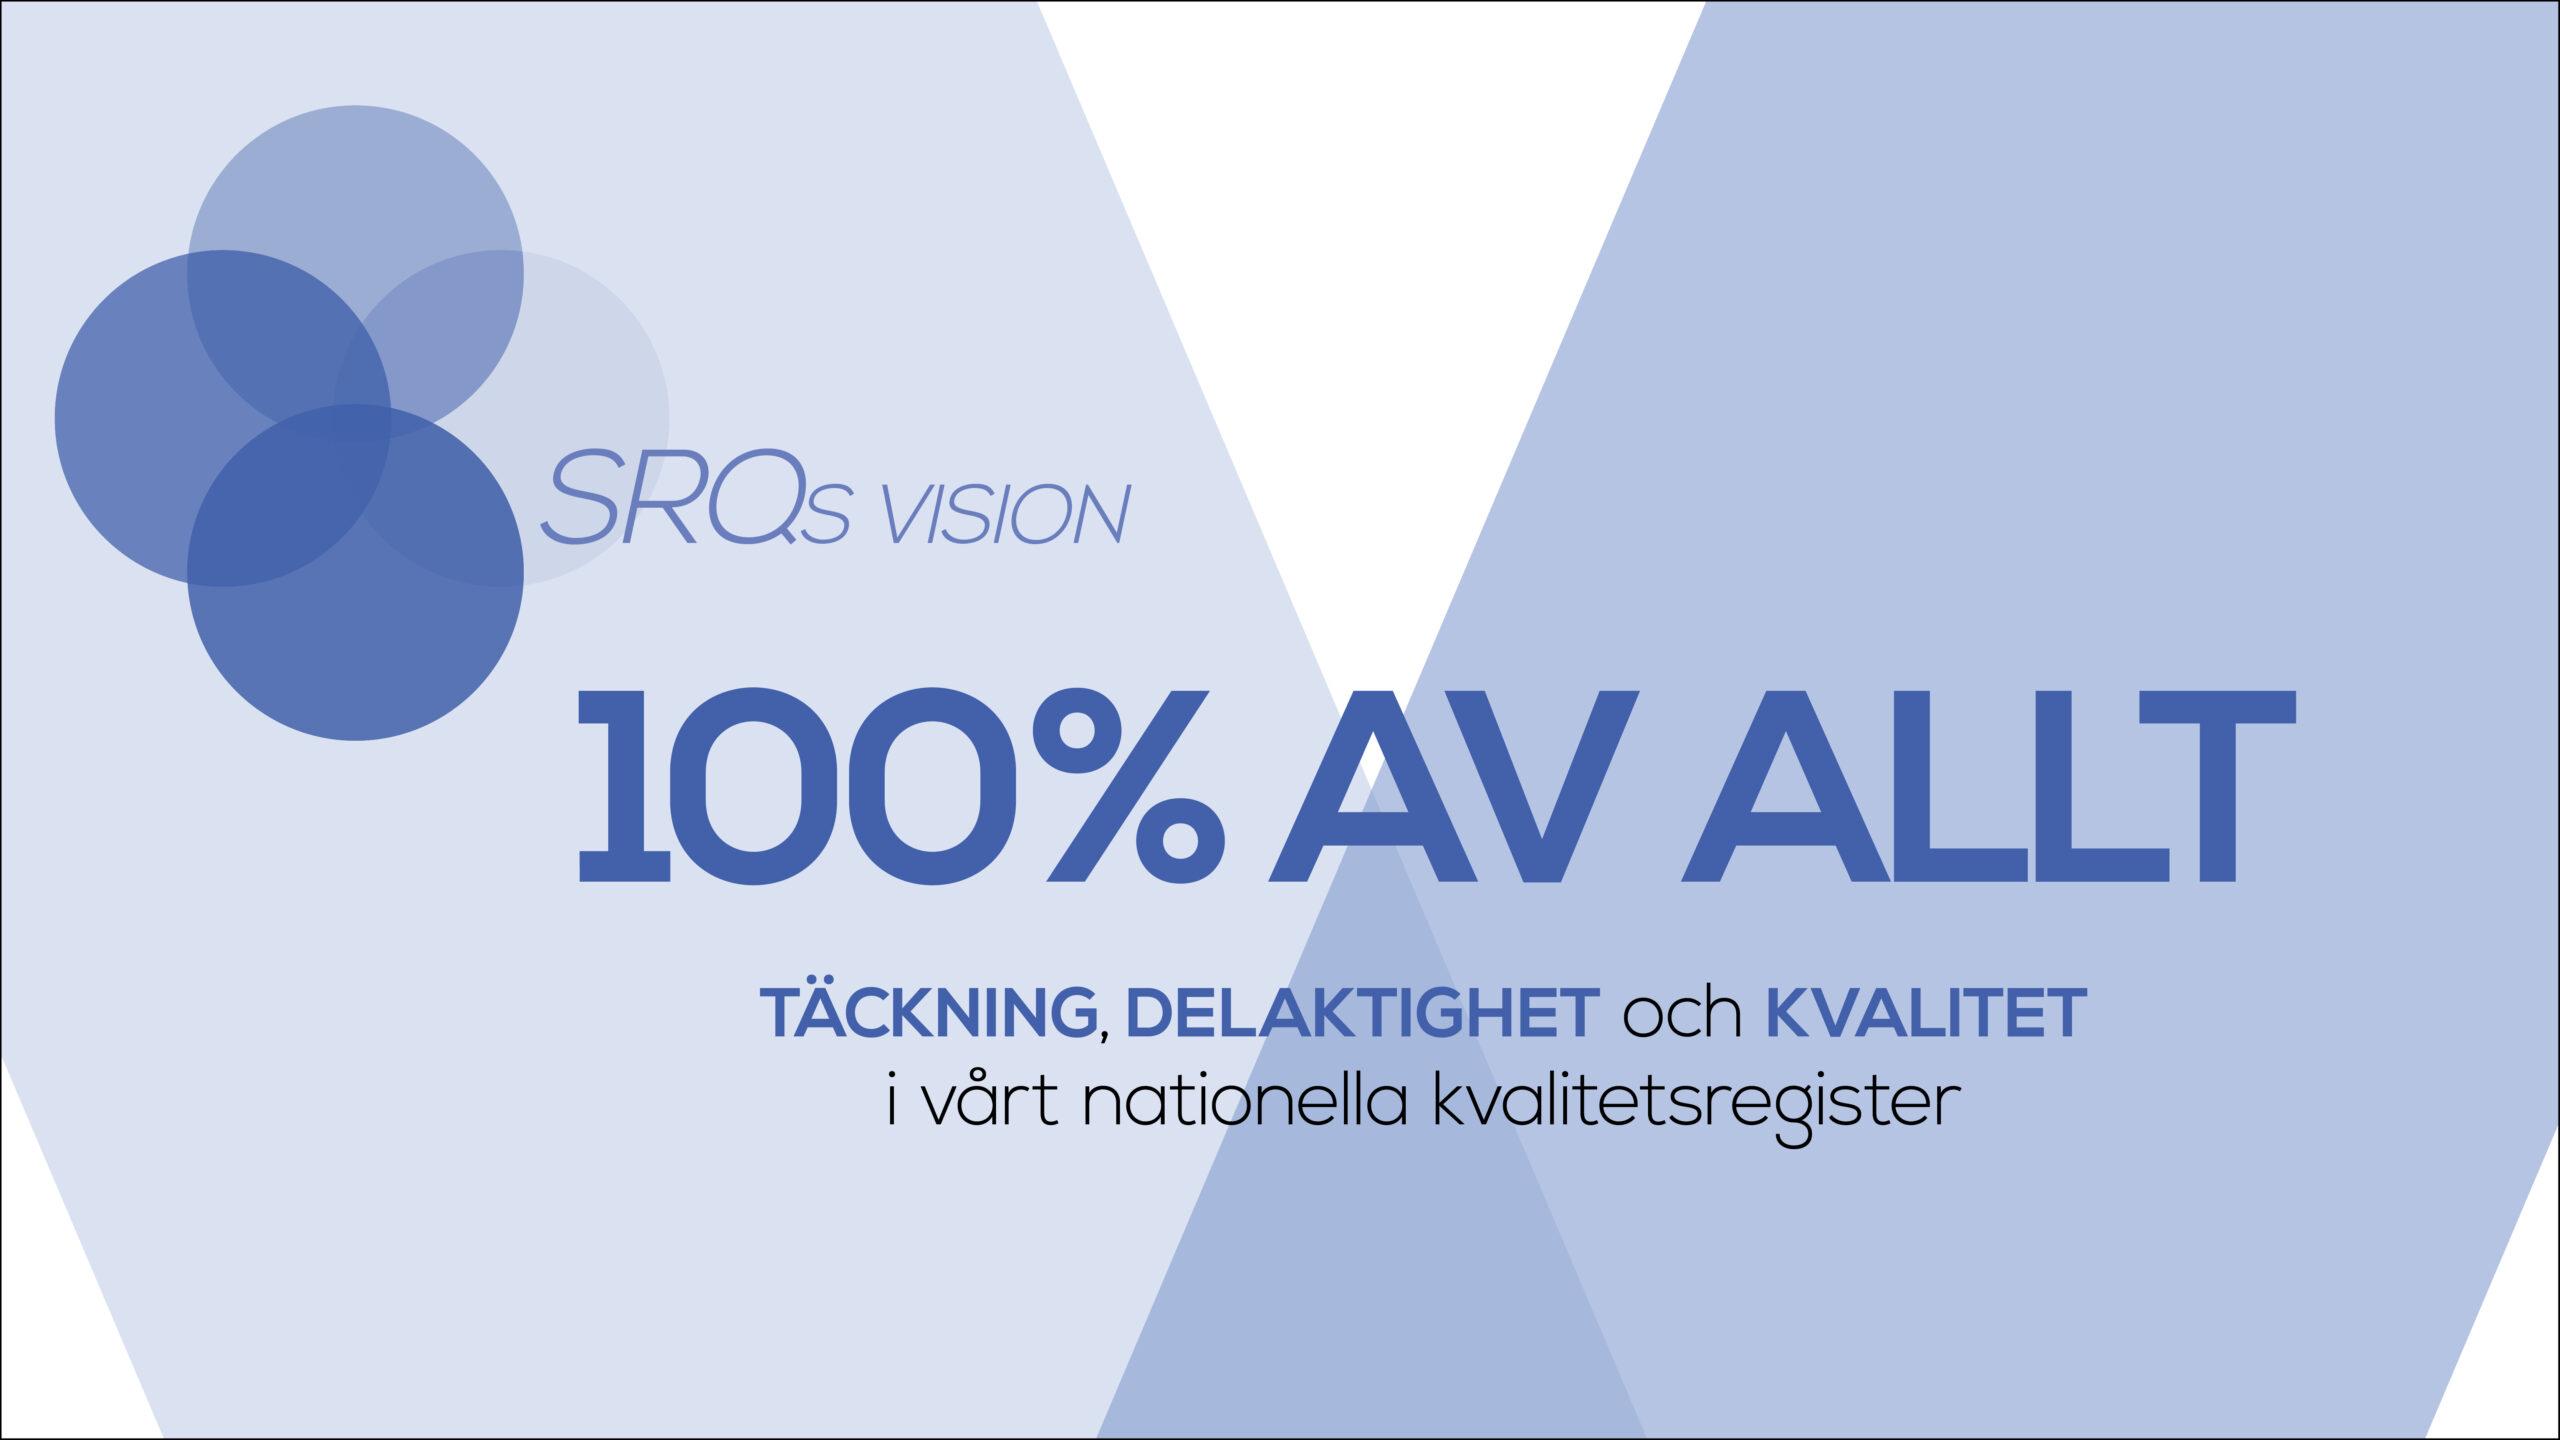 Bilden visar Svensk Reumatologis vision som syftar till att ha 100 % täckning, delaktighet och kvalitet i registret